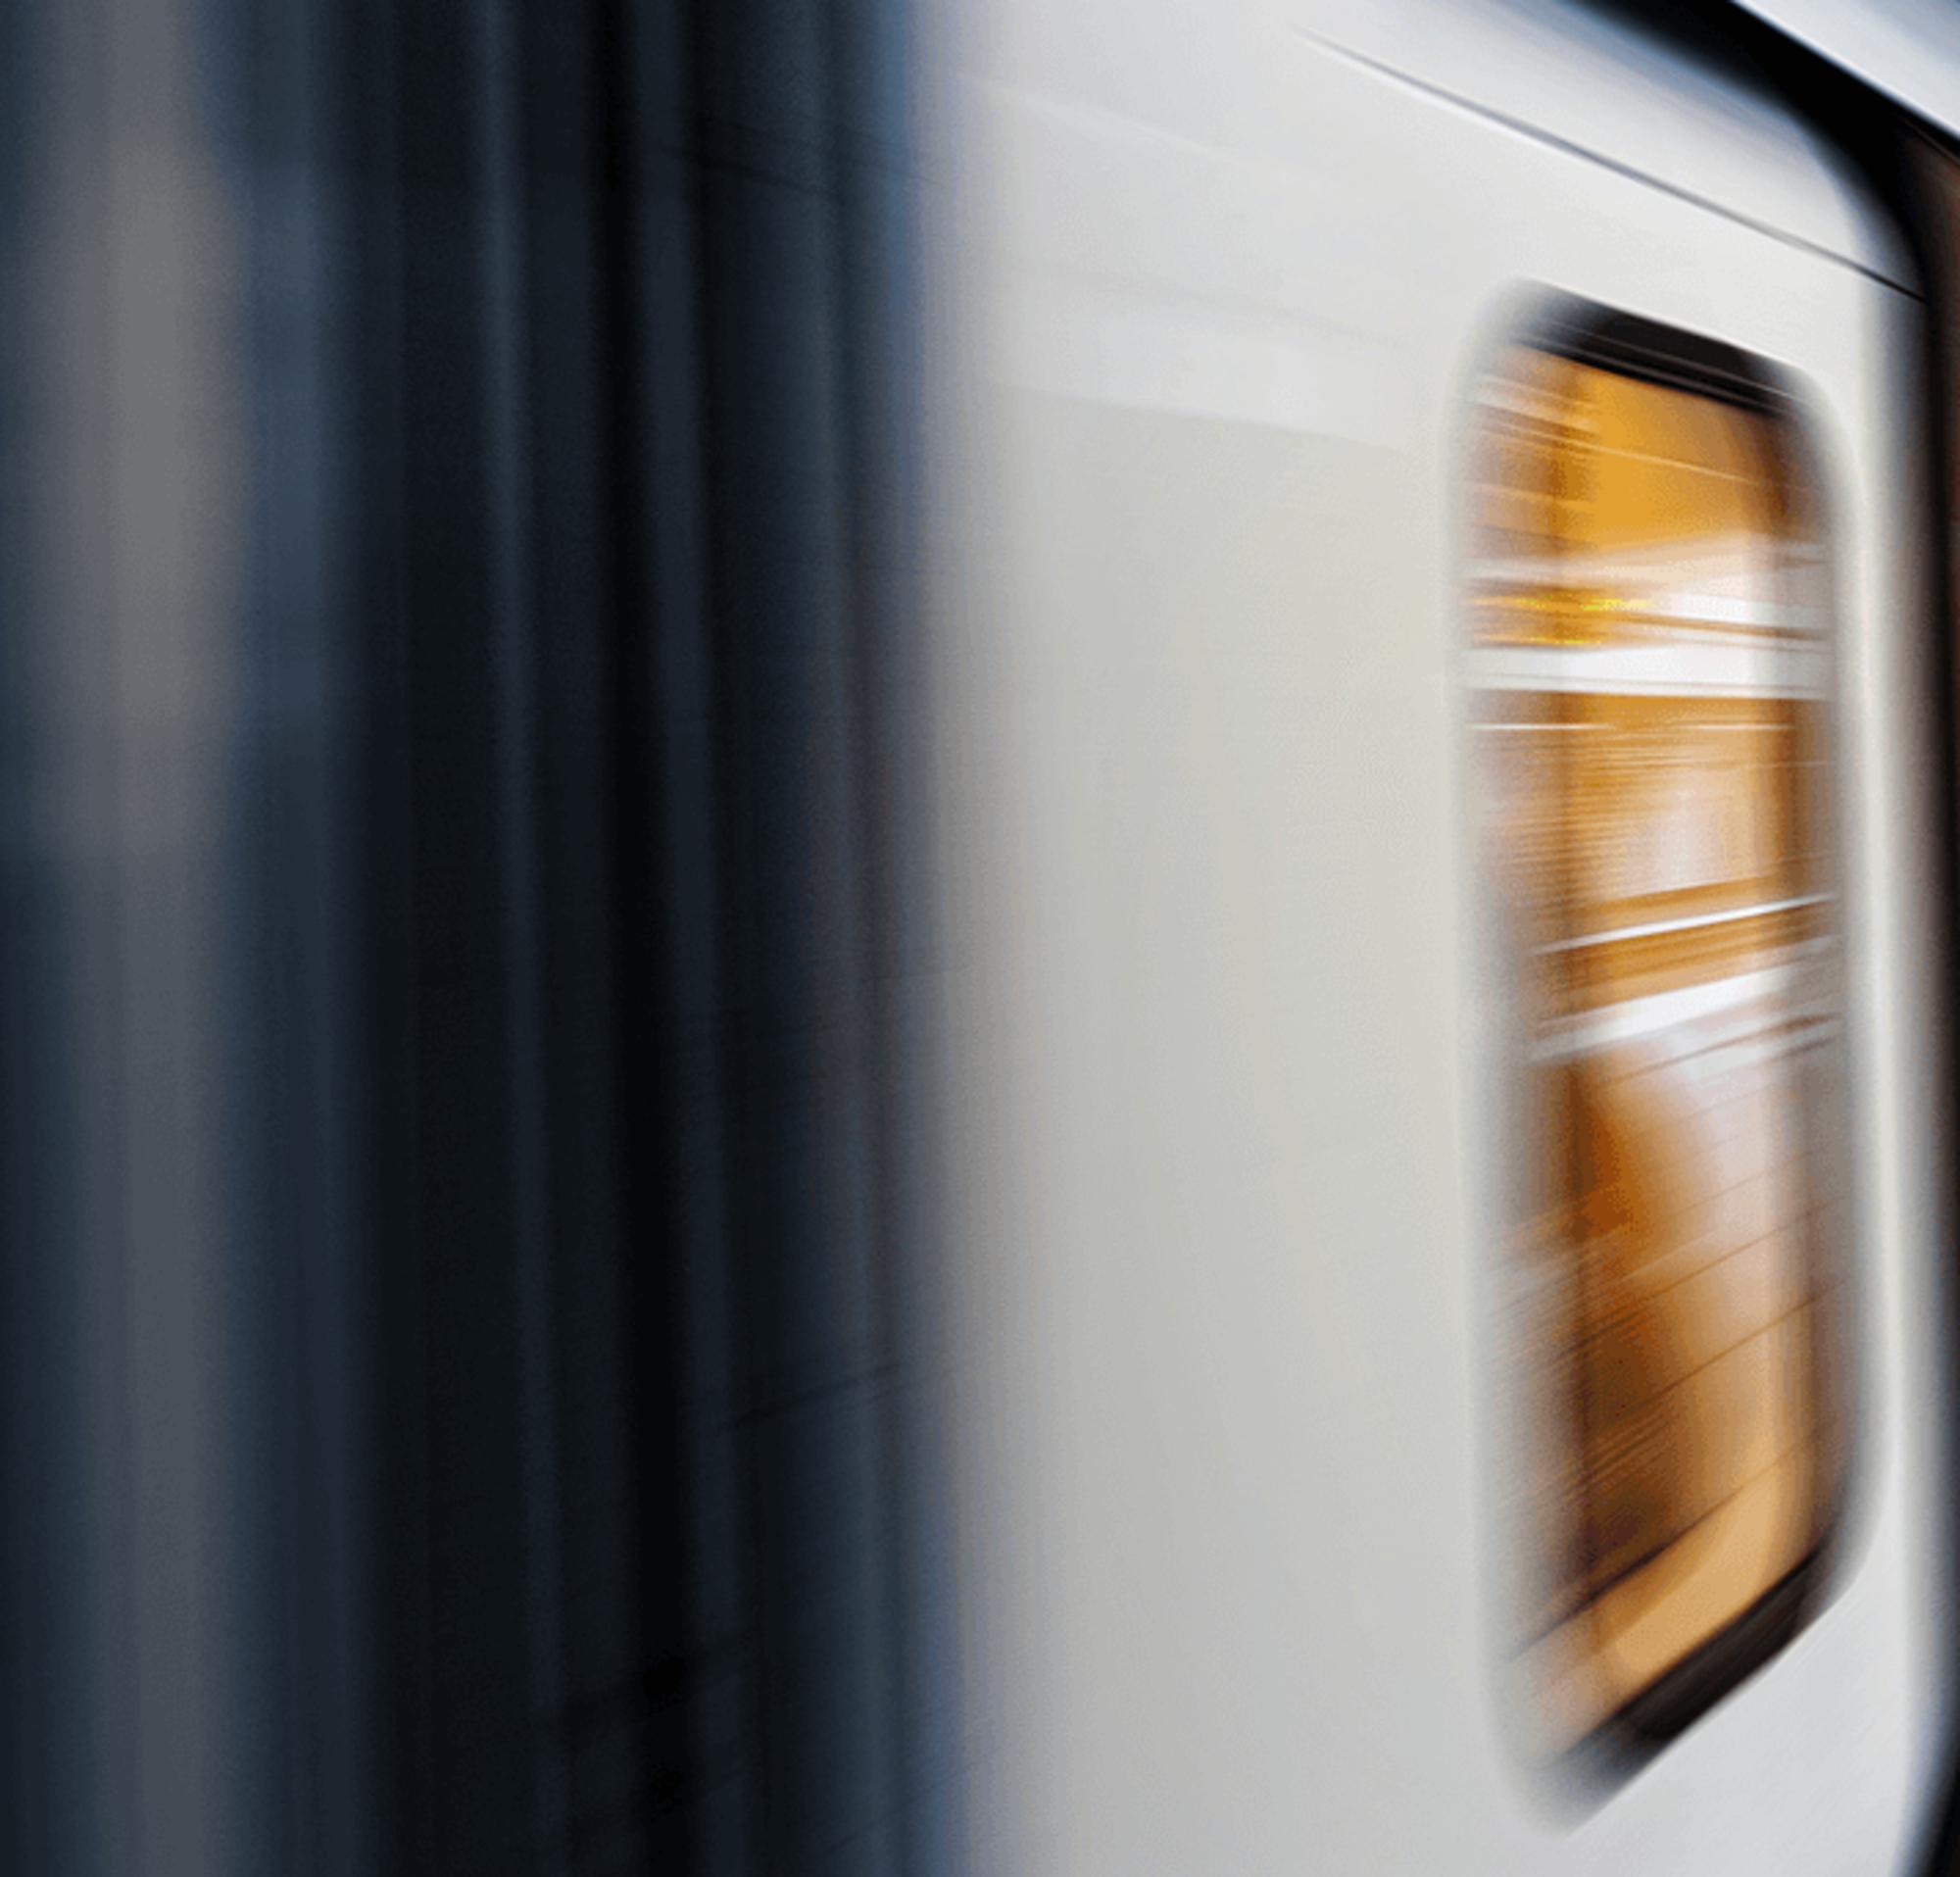 Tren a alta velocidad en una estación